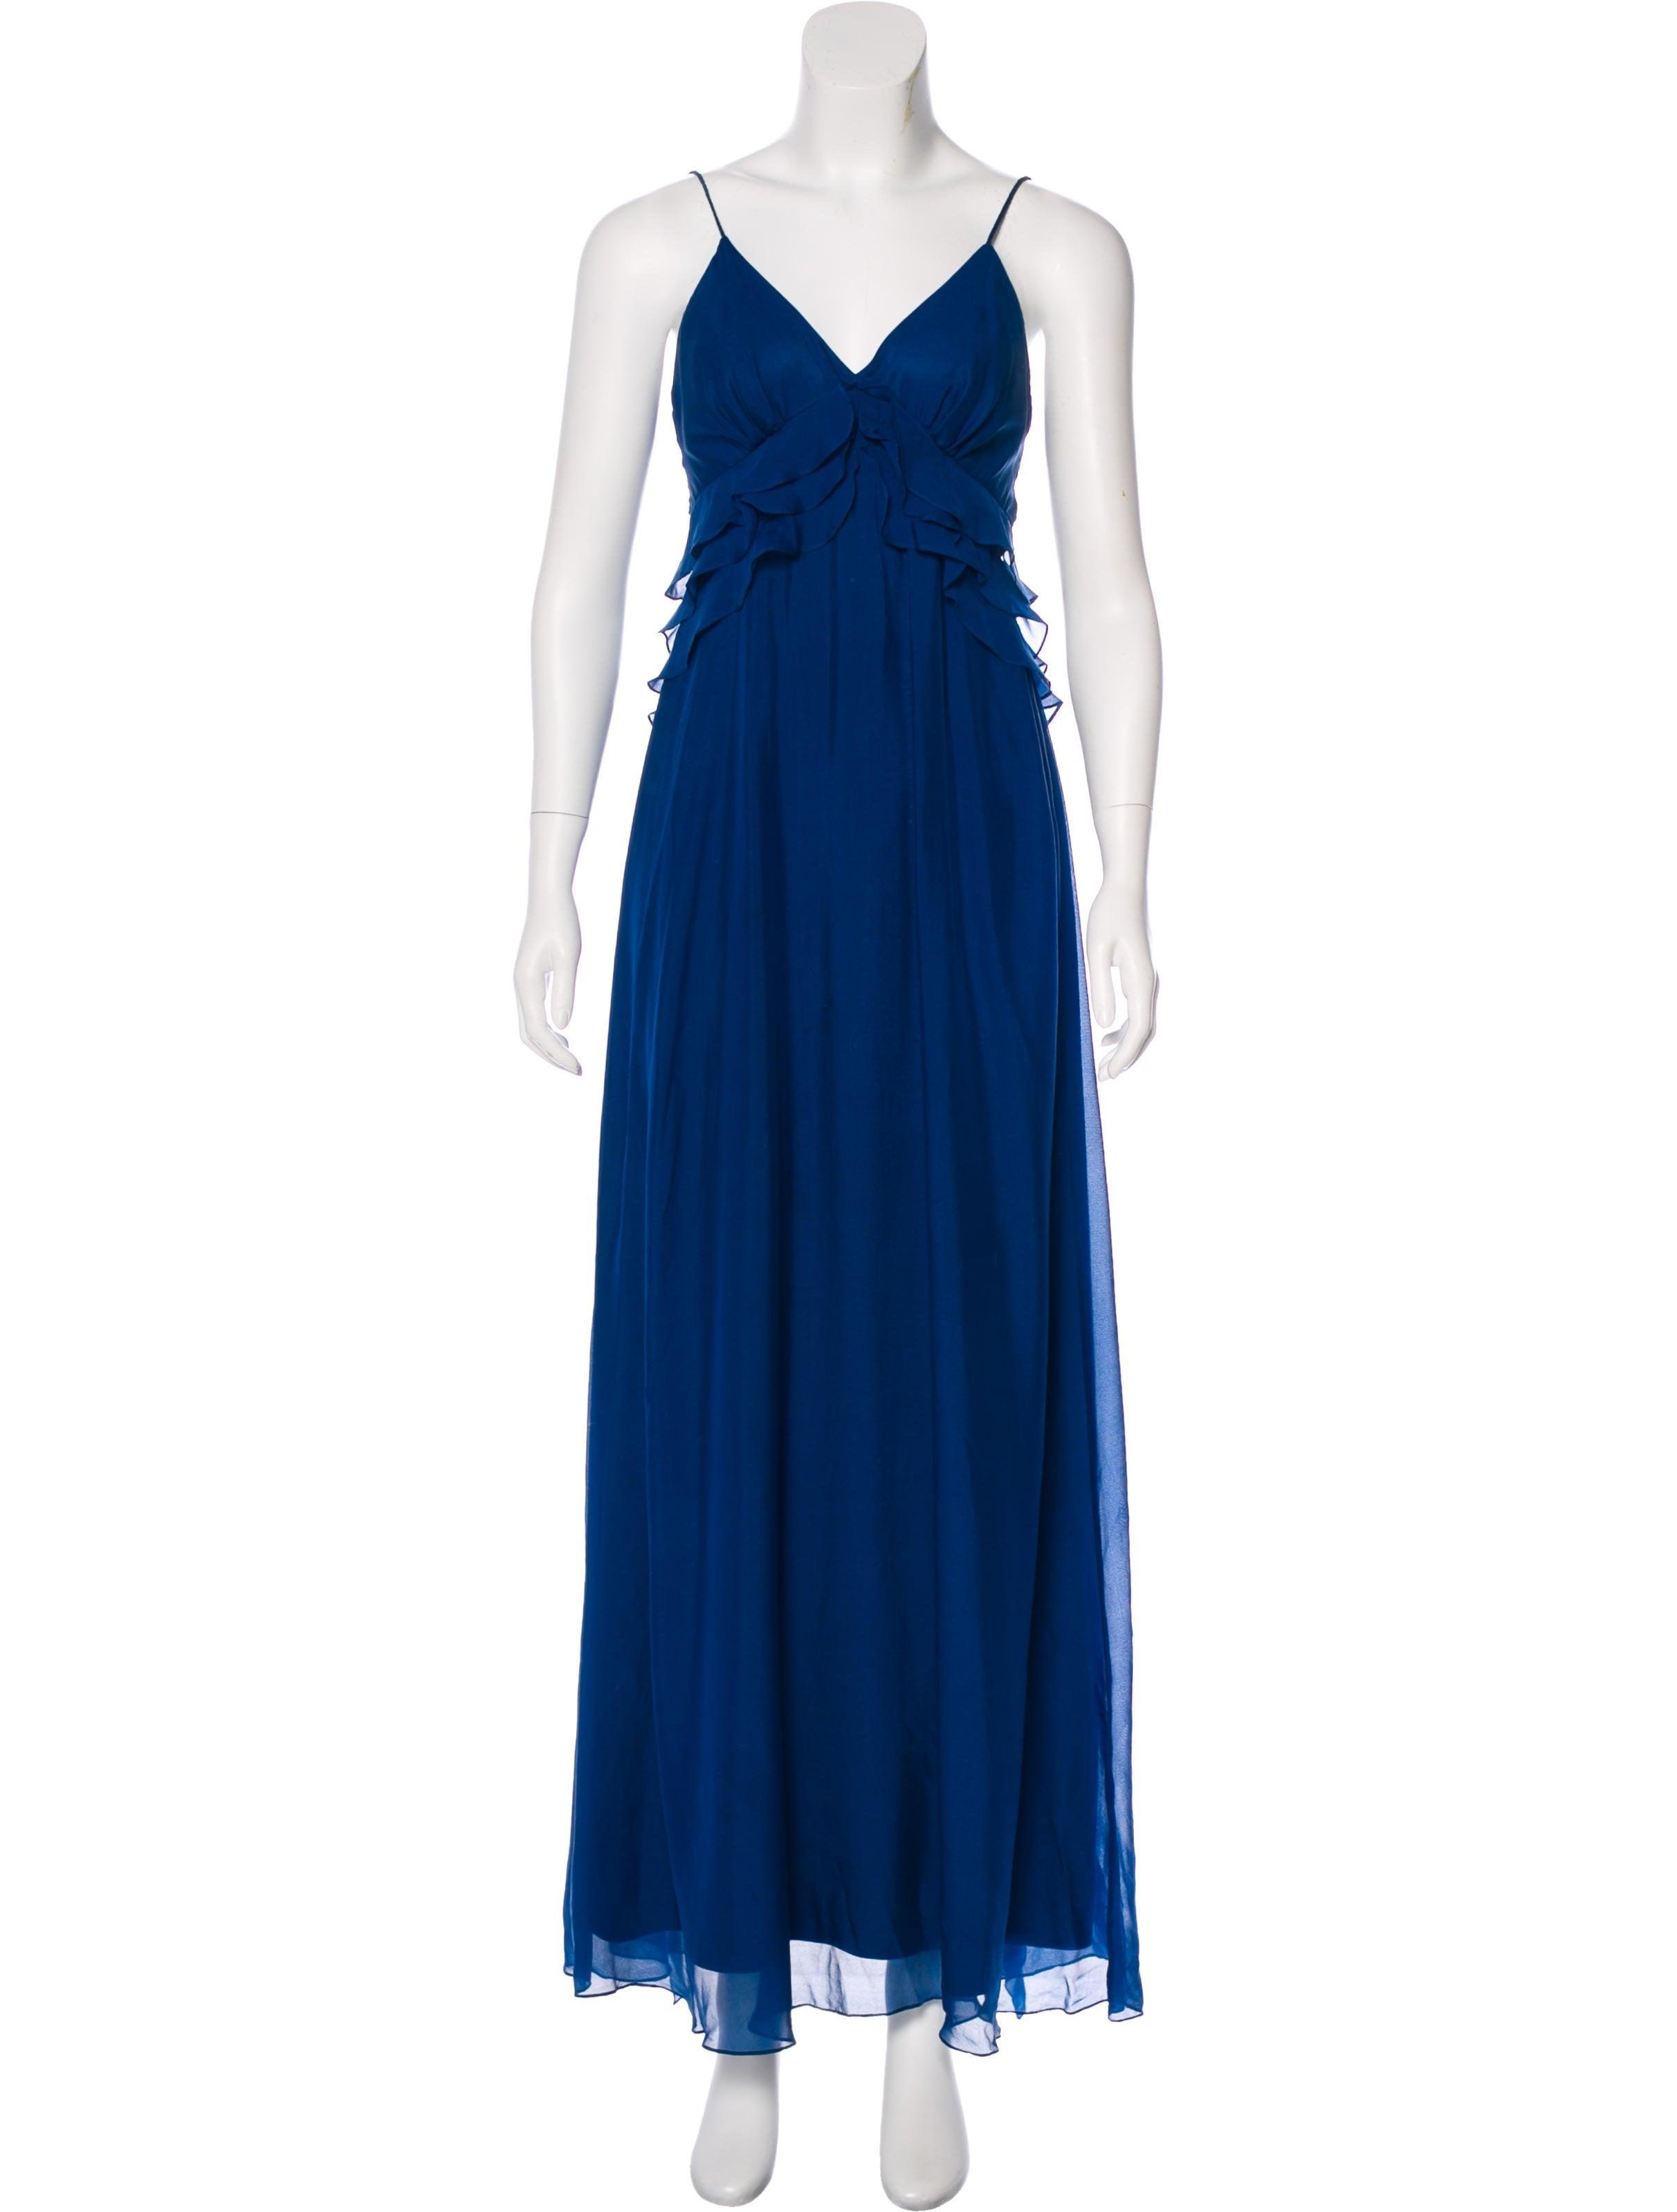 Rebecca Taylor Sleeveless Satin Maxi Dress - Clothing - WRB27614 ...